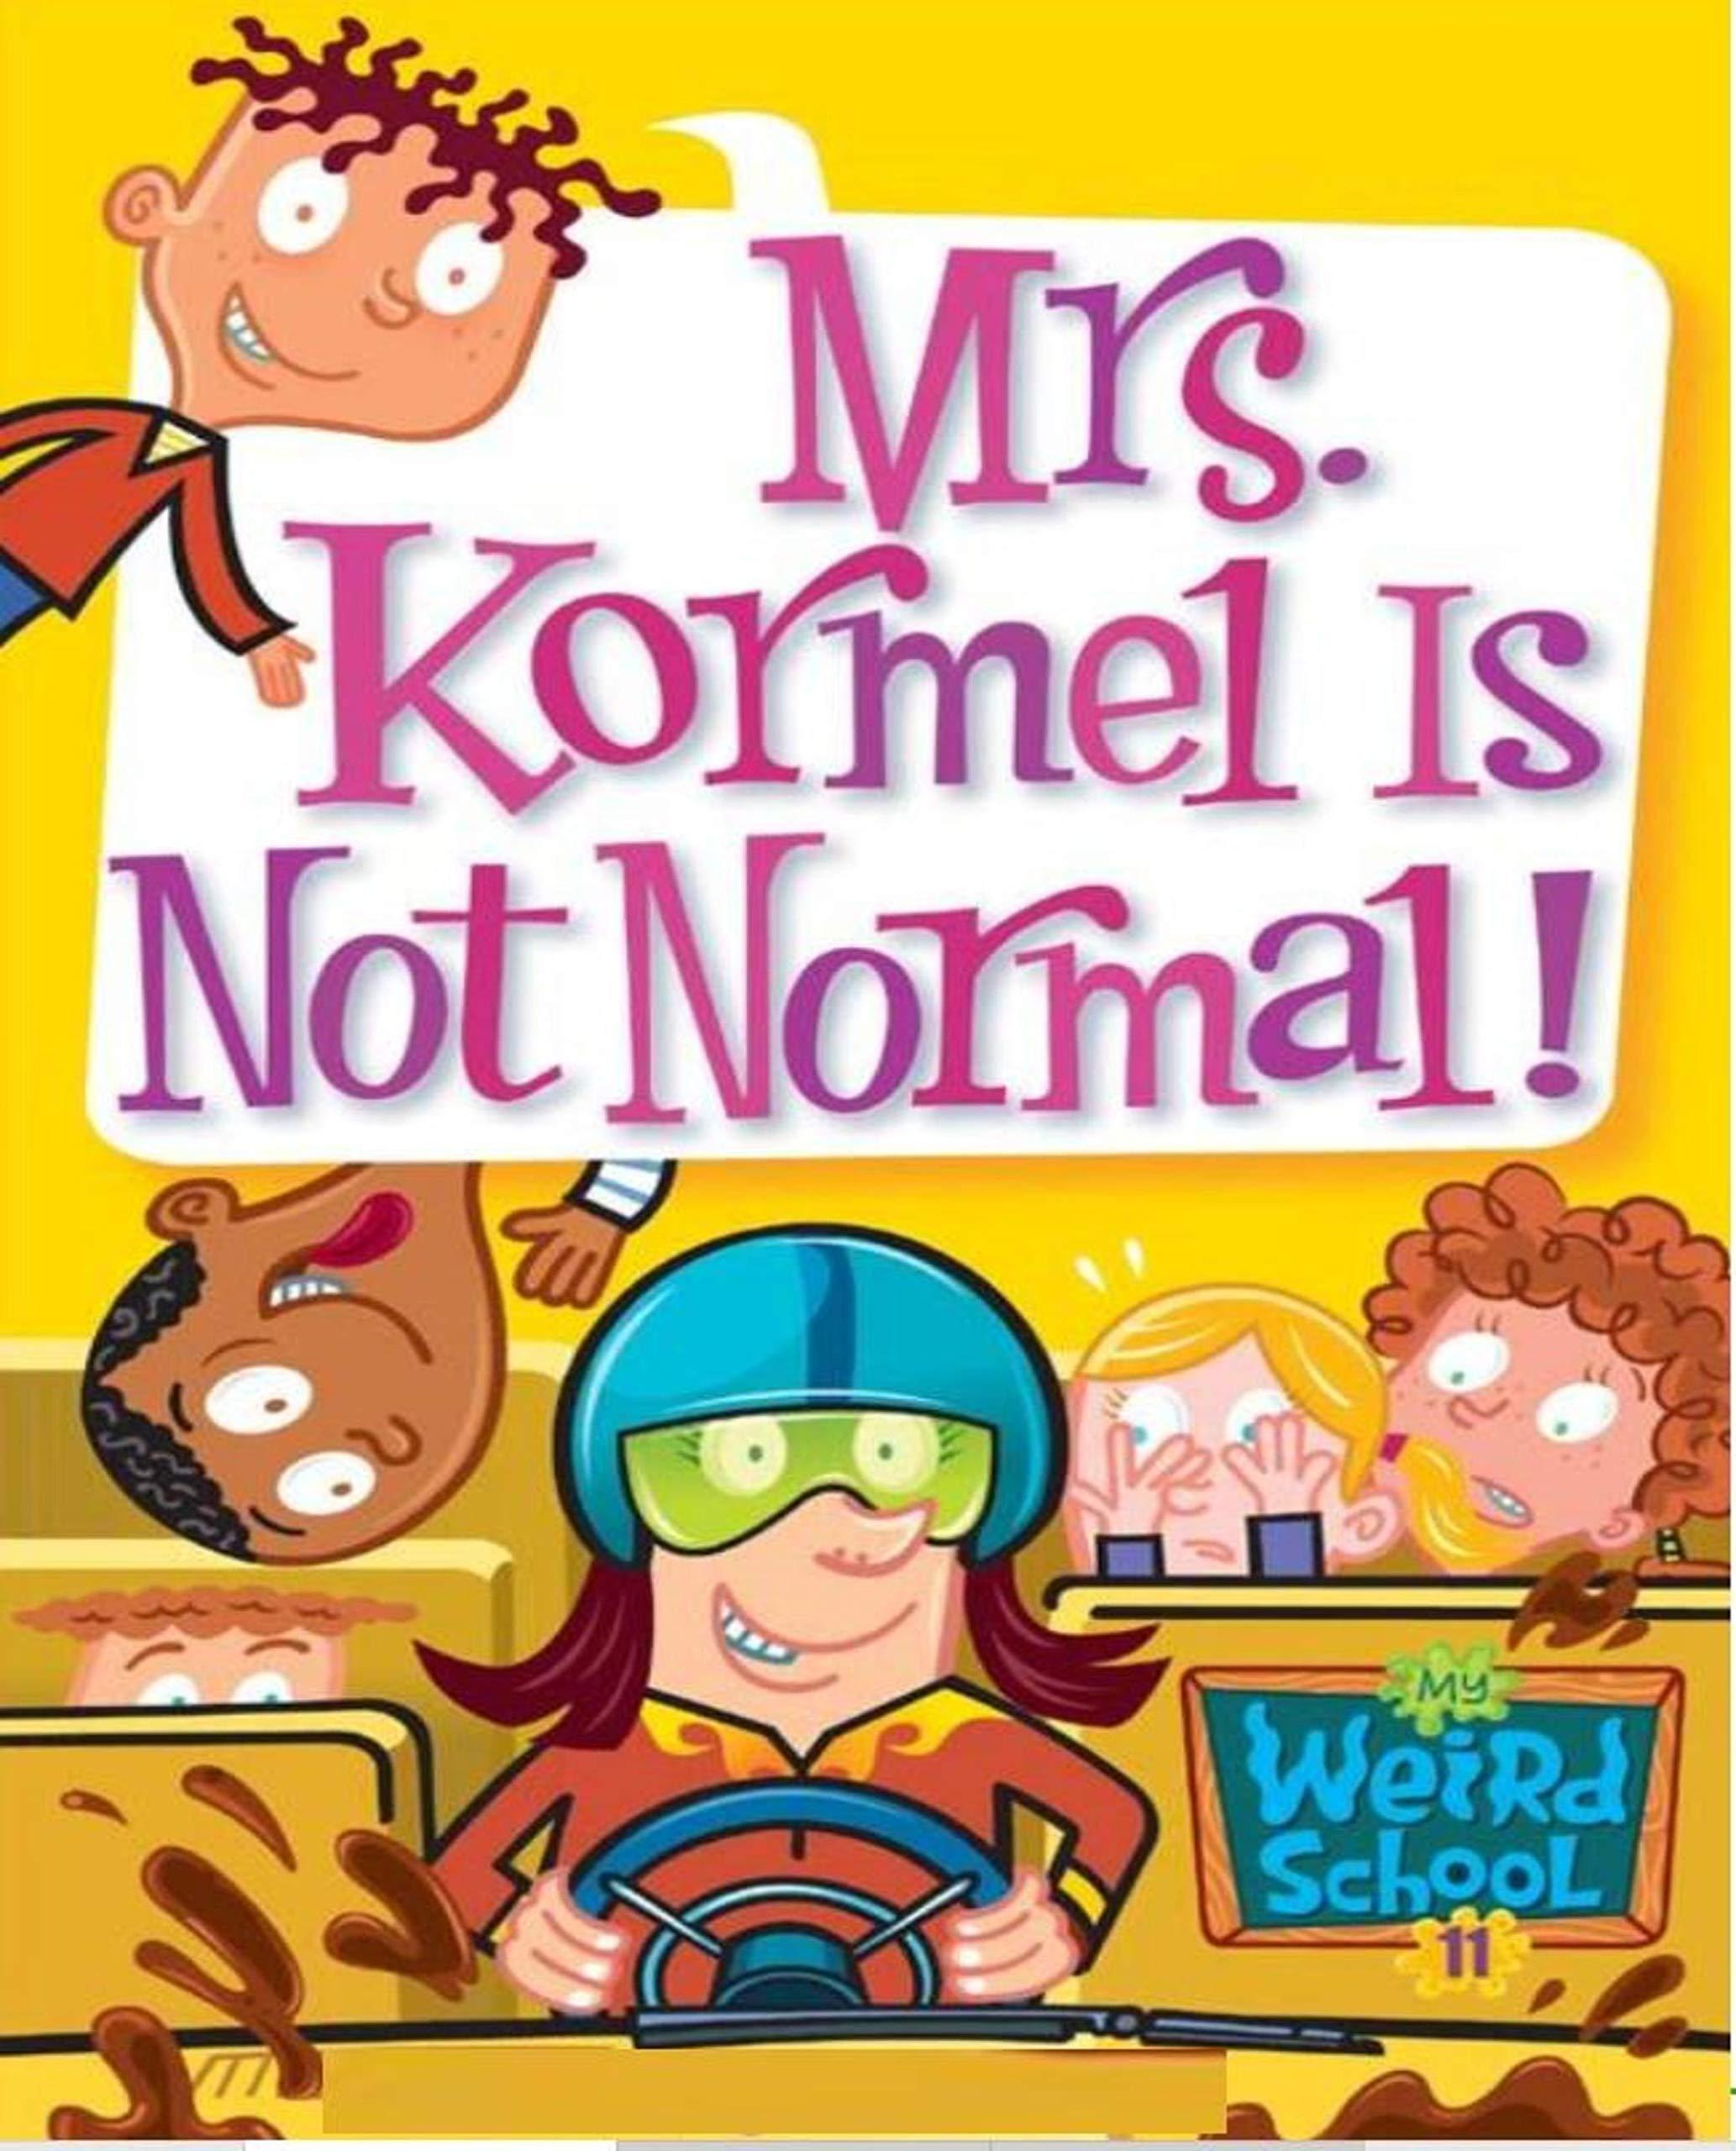 My Weird School 11 Mrs: children's books ages 1-3